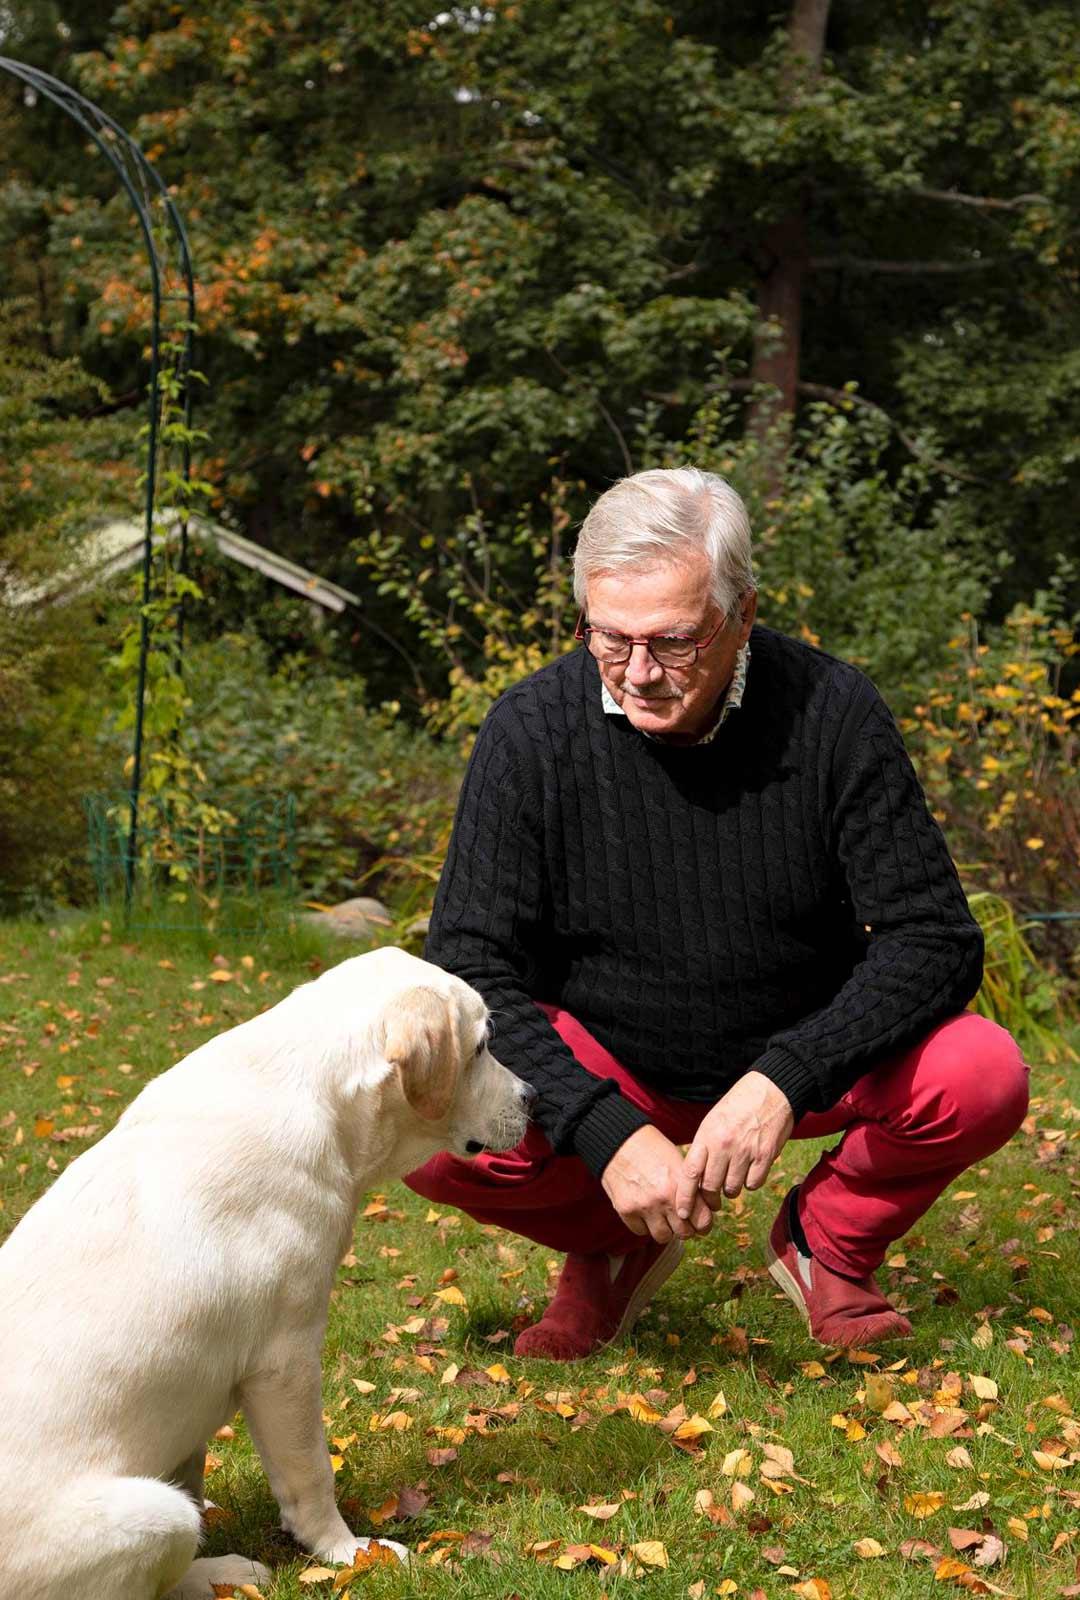 Vaikka Hännisen mietteet ovat usein kuolemassa, ympärillä on paljon elämää. Labradorinnoutajanpentu Jello tuo päiviin uudenlaista sykettä.